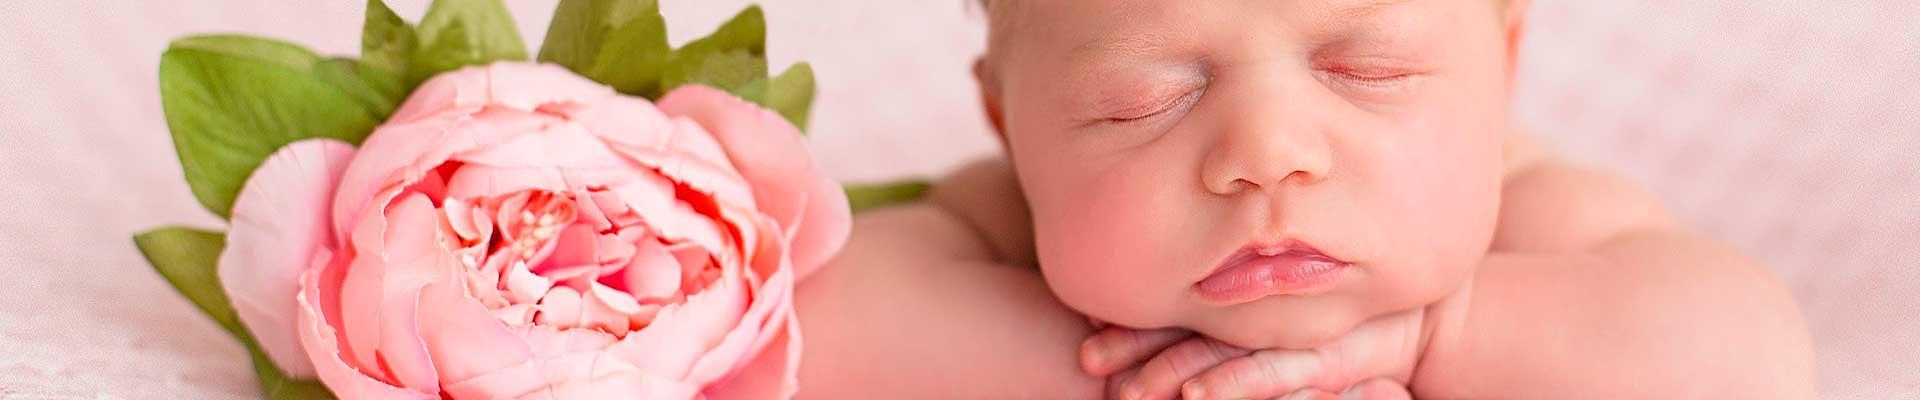 presentes para recém nascidos